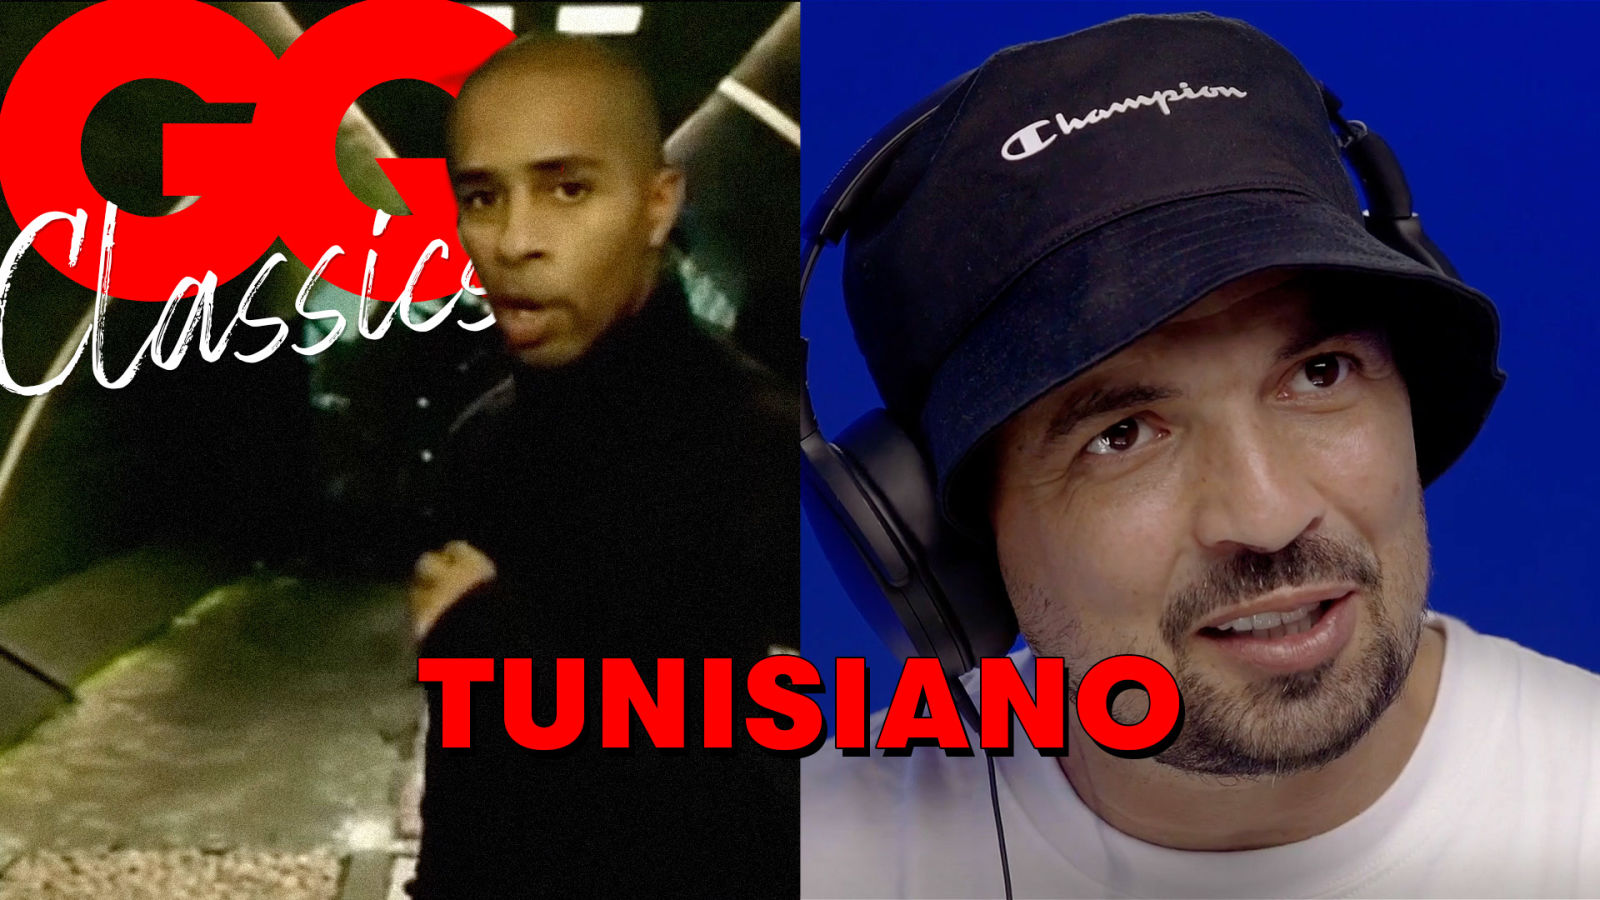 Tunisiano juge les classiques du rap français : Mac Tyer, Rohff, MC Solaar